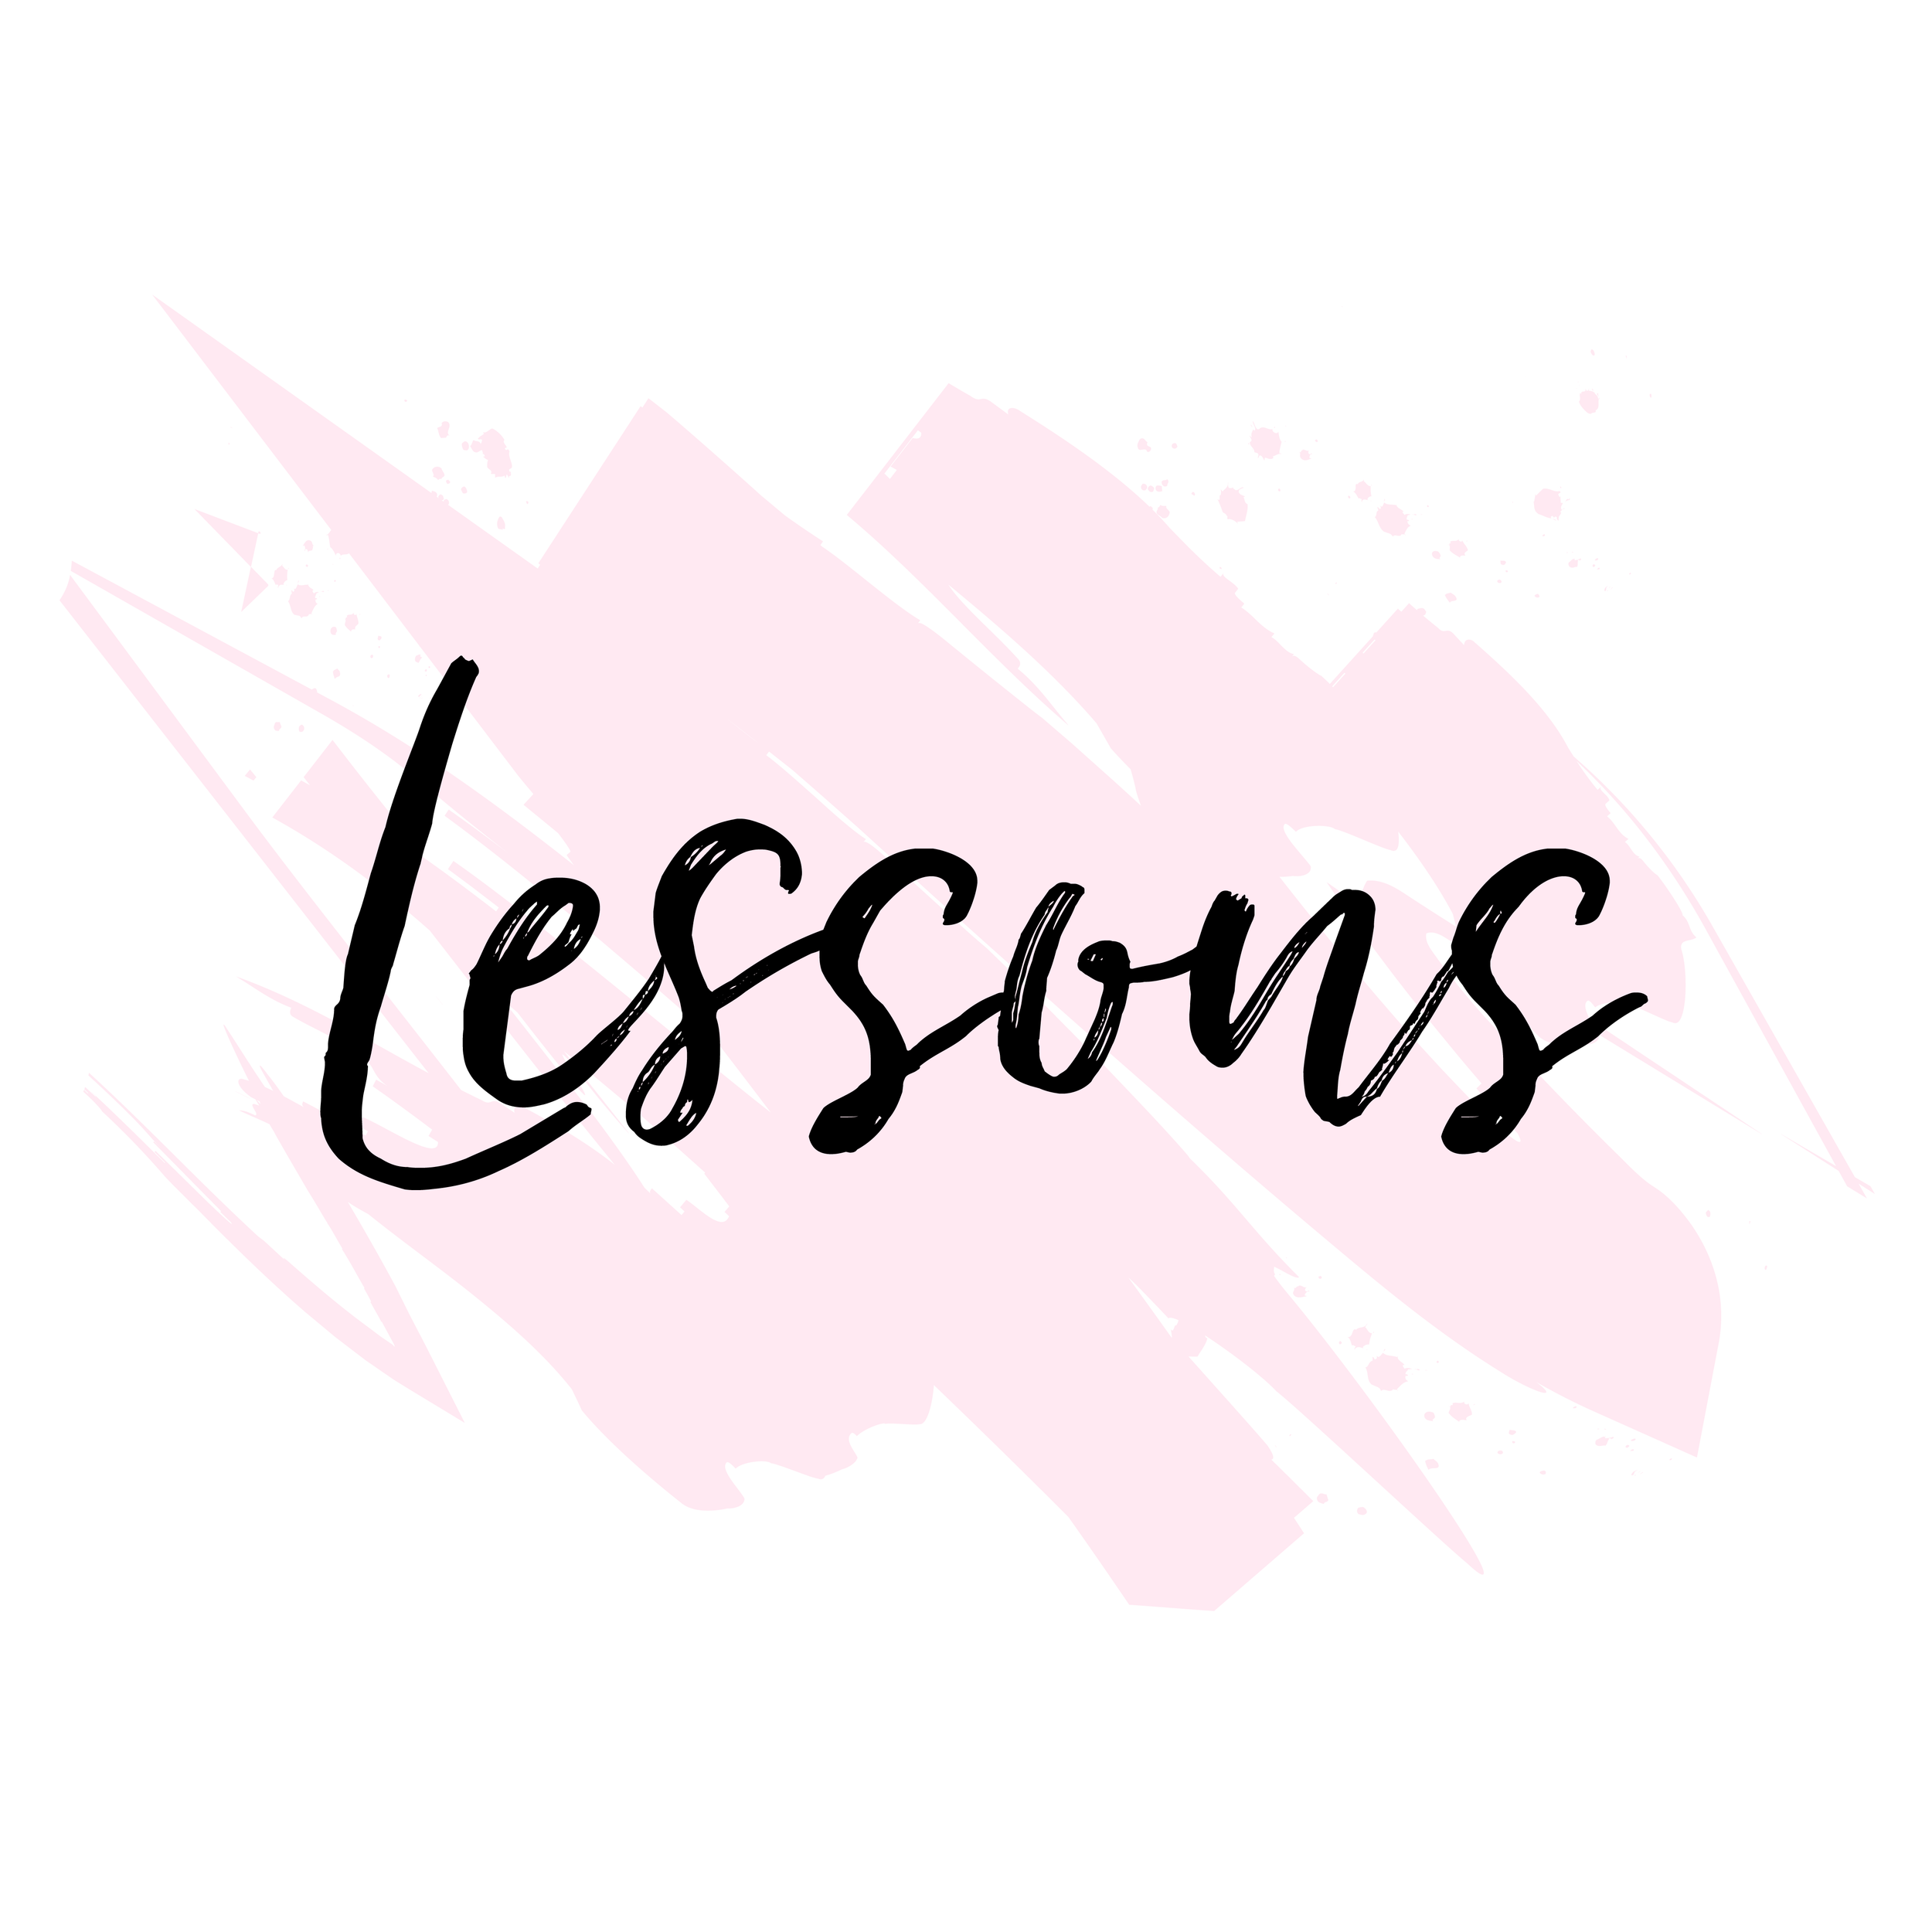 instacrush lessons